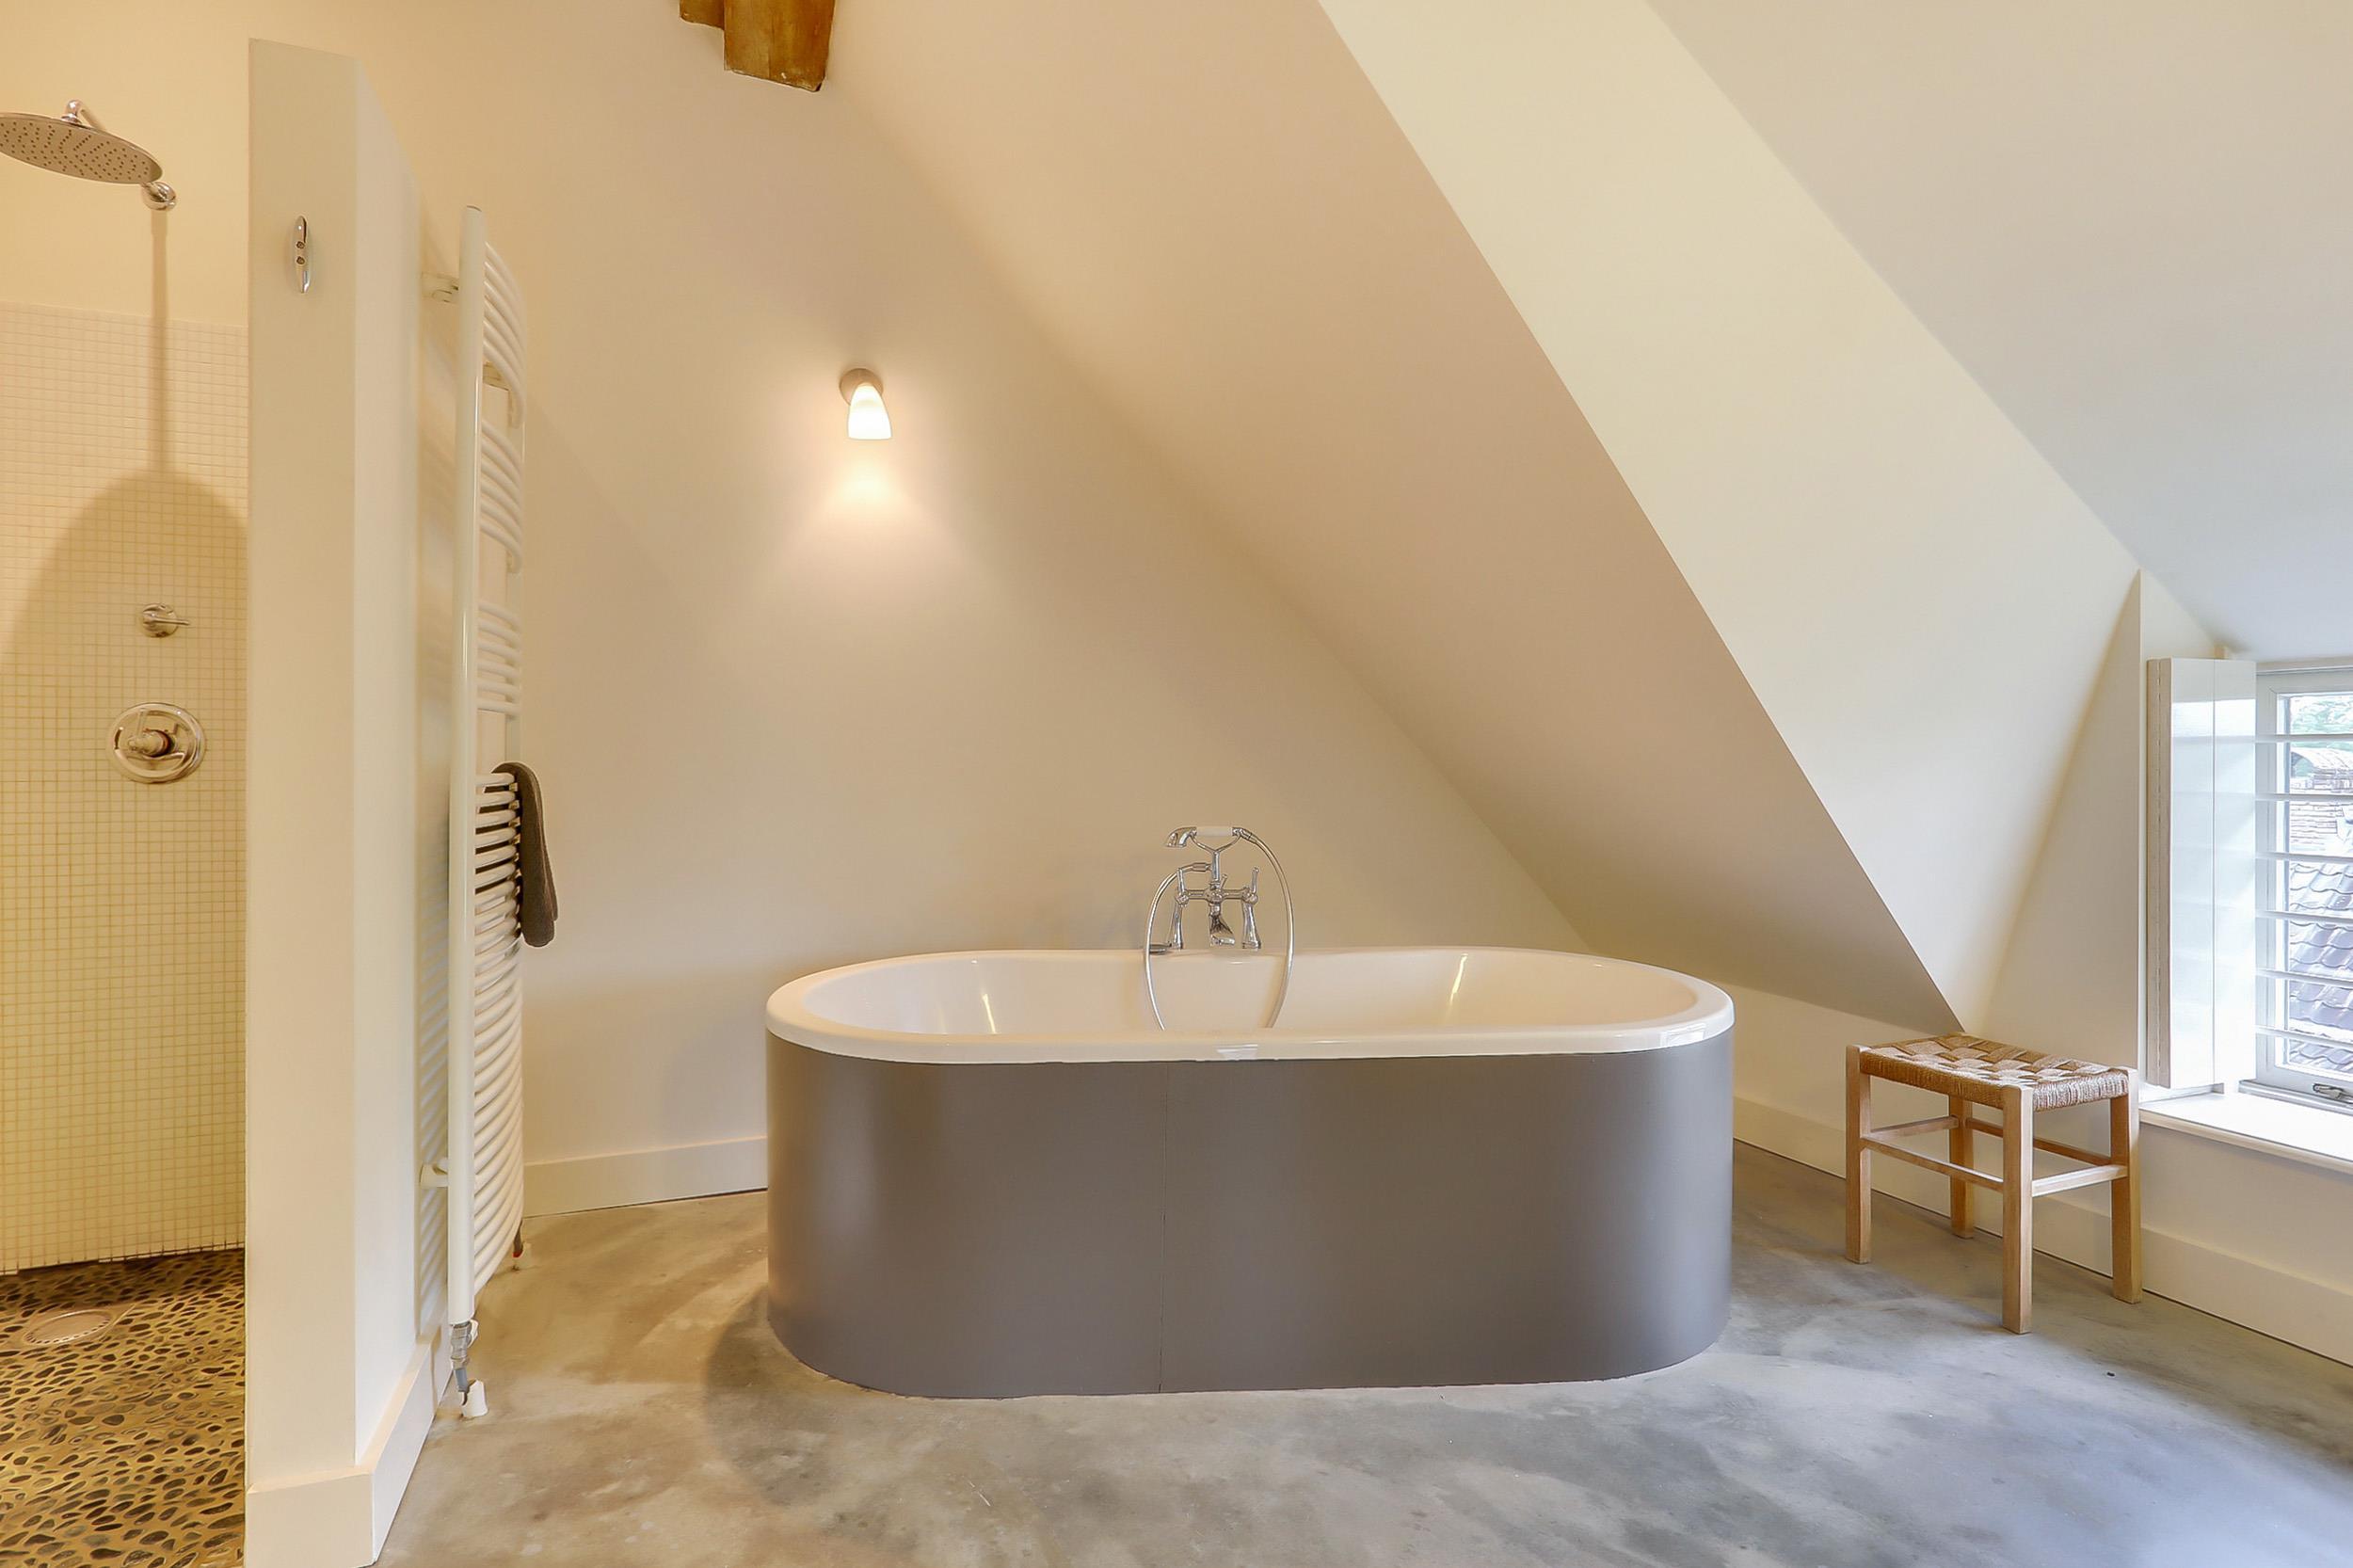 5x bijzondere badkamer | Makelaarsland